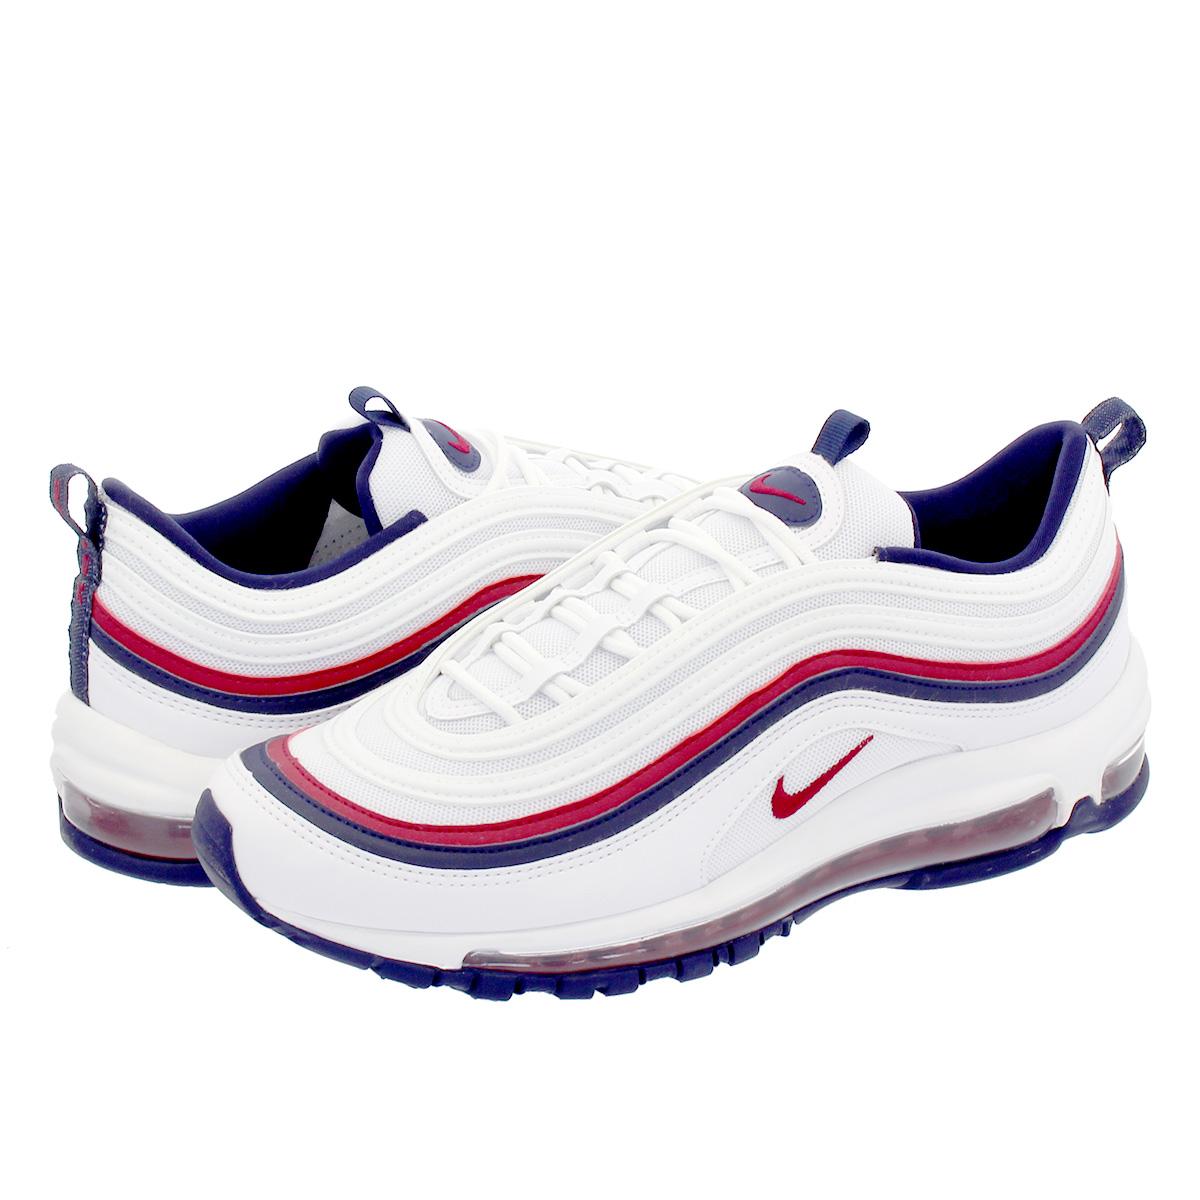 chaussures de séparation 0e63d 389f0 NIKE WMNS AIR MAX 97 Nike women Air Max 97 WHITE/RED CRUSH/BLACKENED BLUE  921,733-102